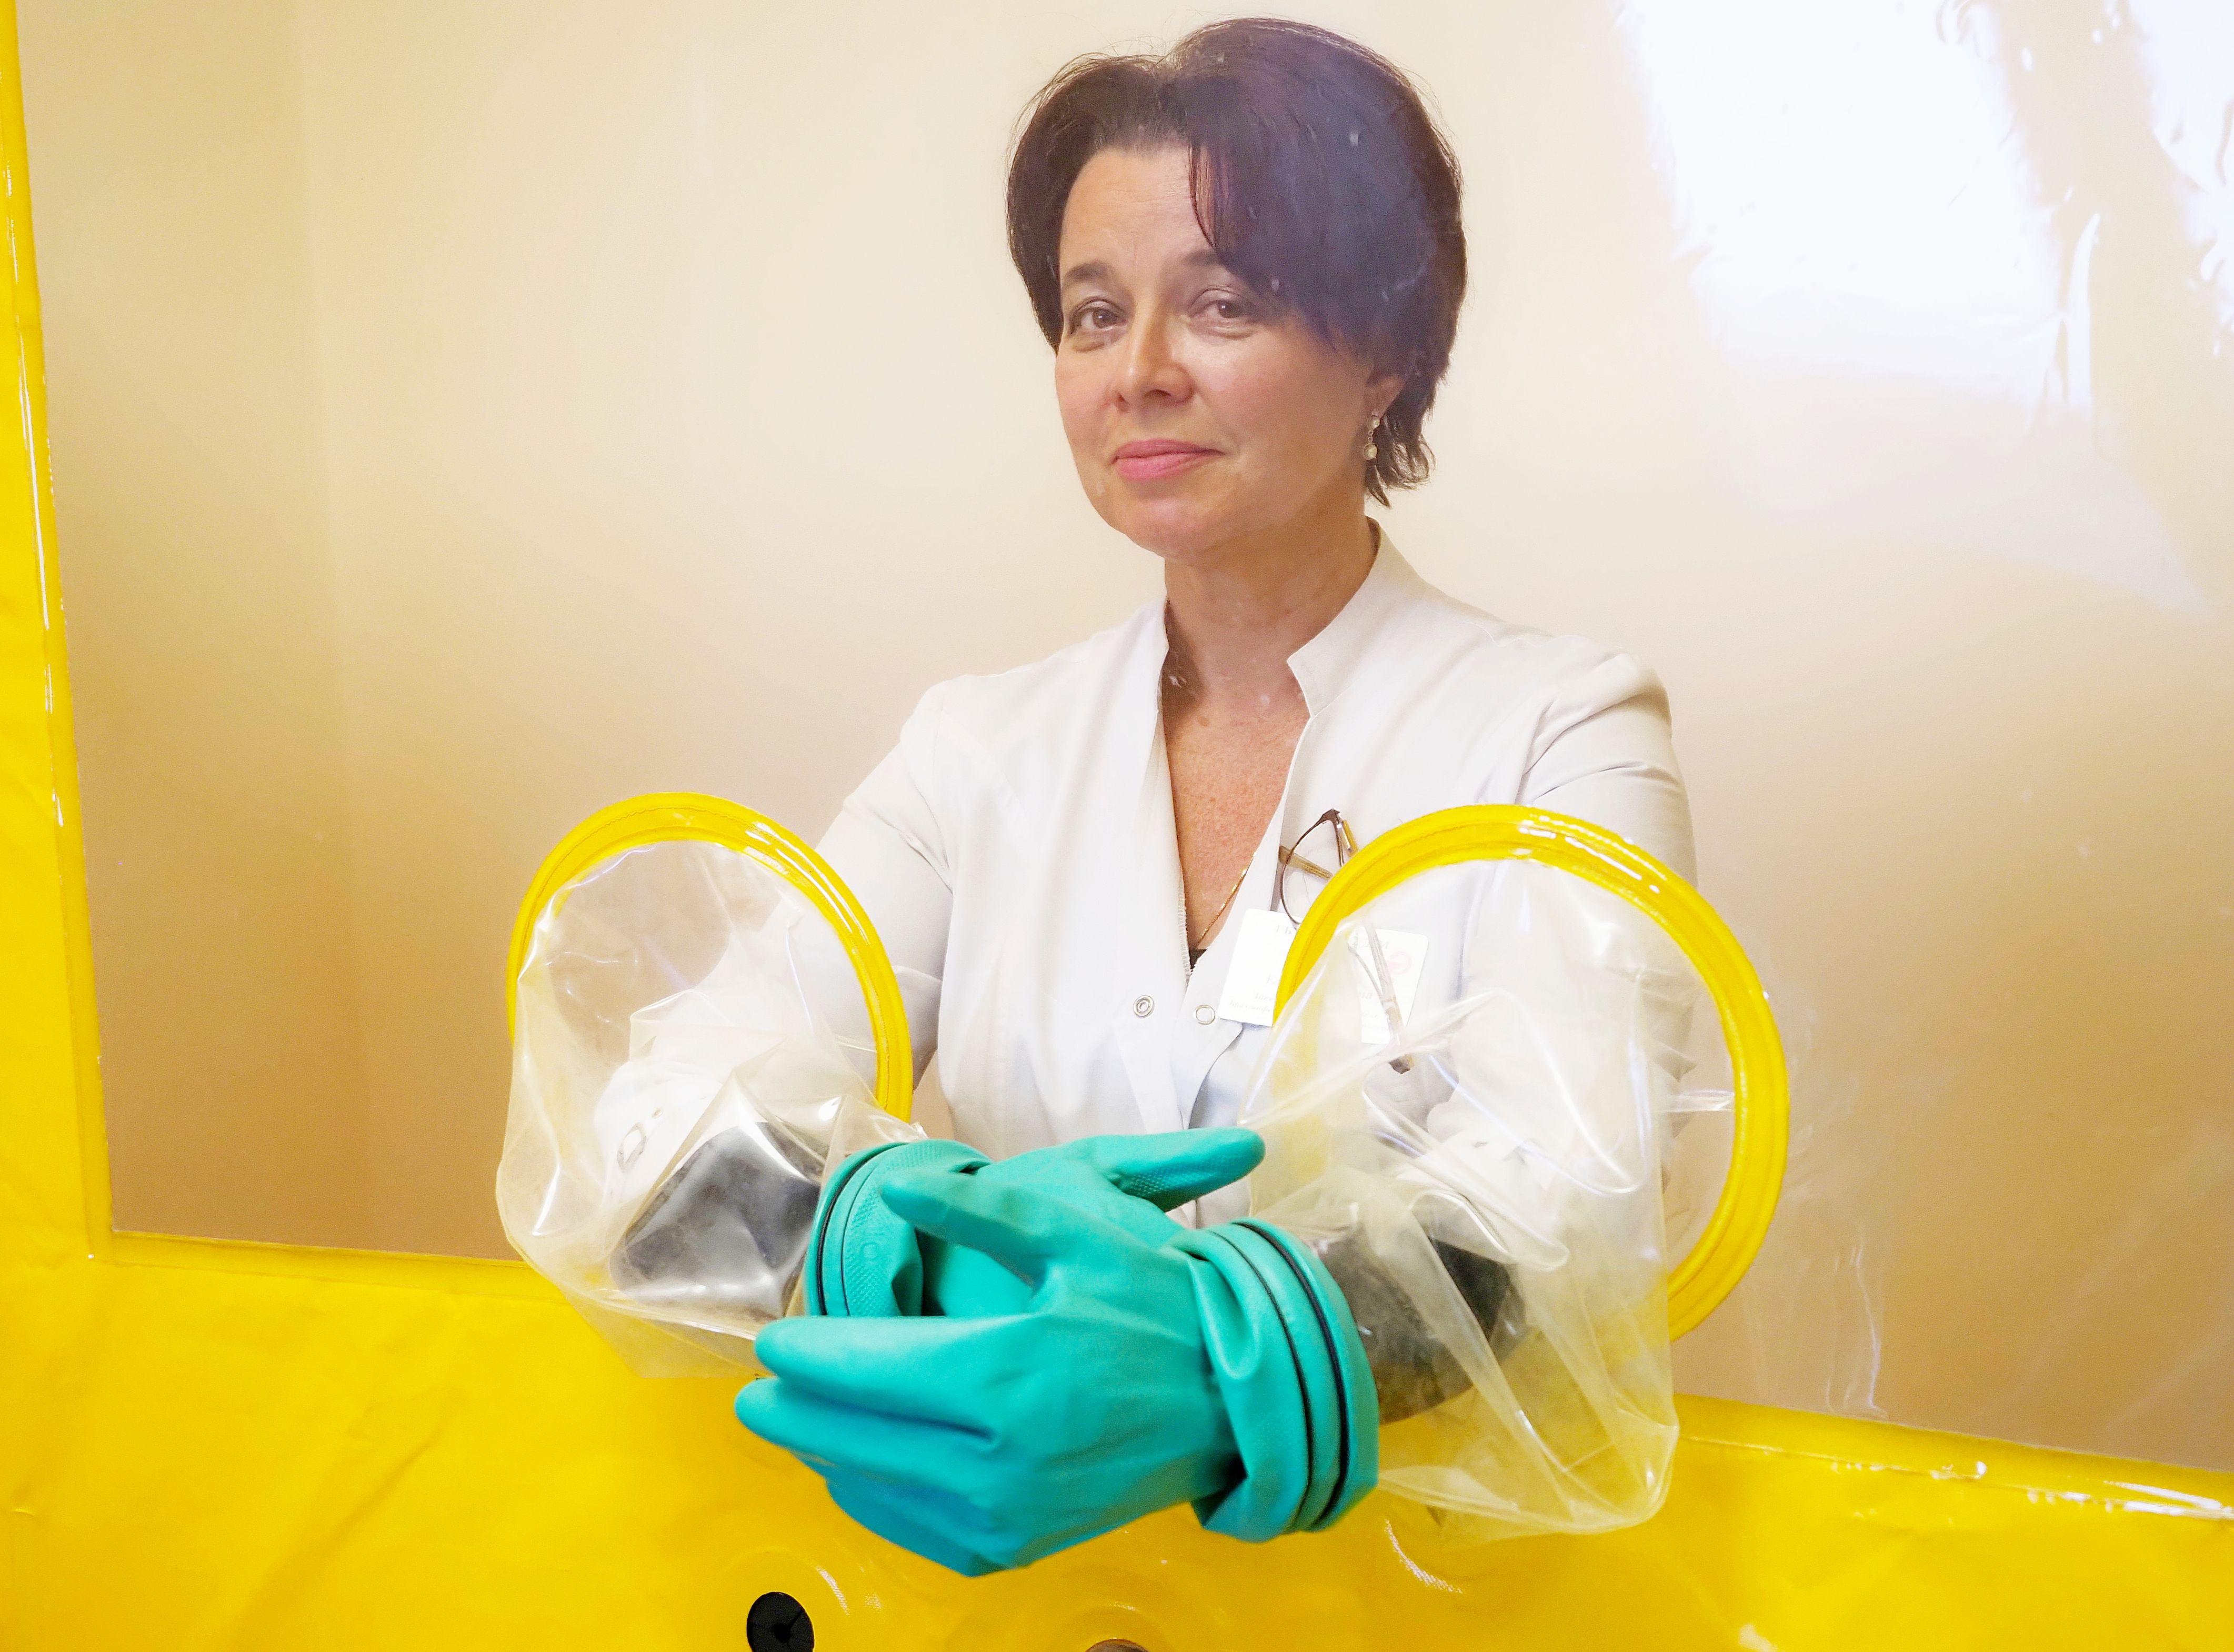 Еще шесть носителей коронавируса нашли в Москве